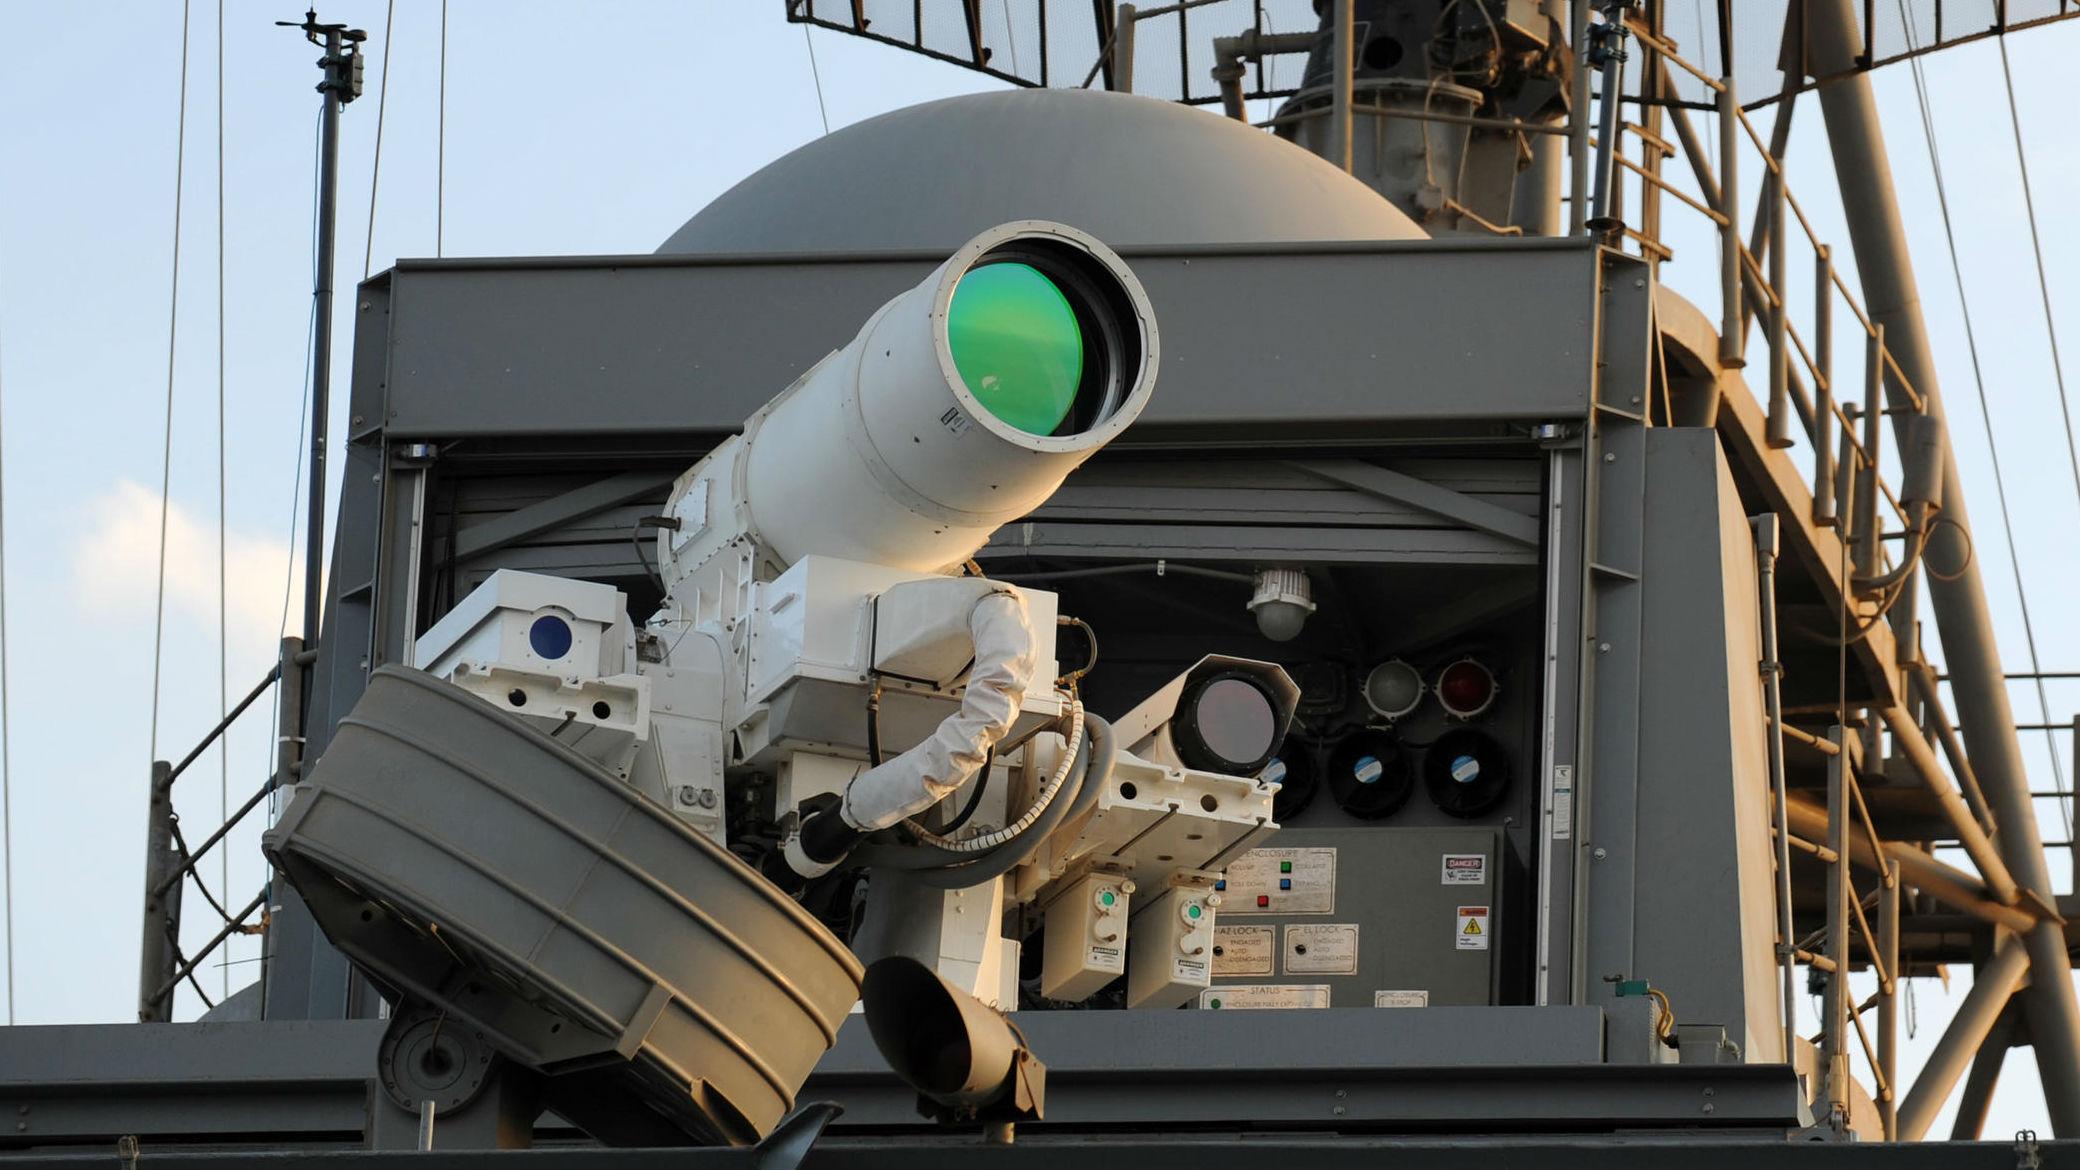 火力无穷!美军研发新型舰载集成高能激光武器